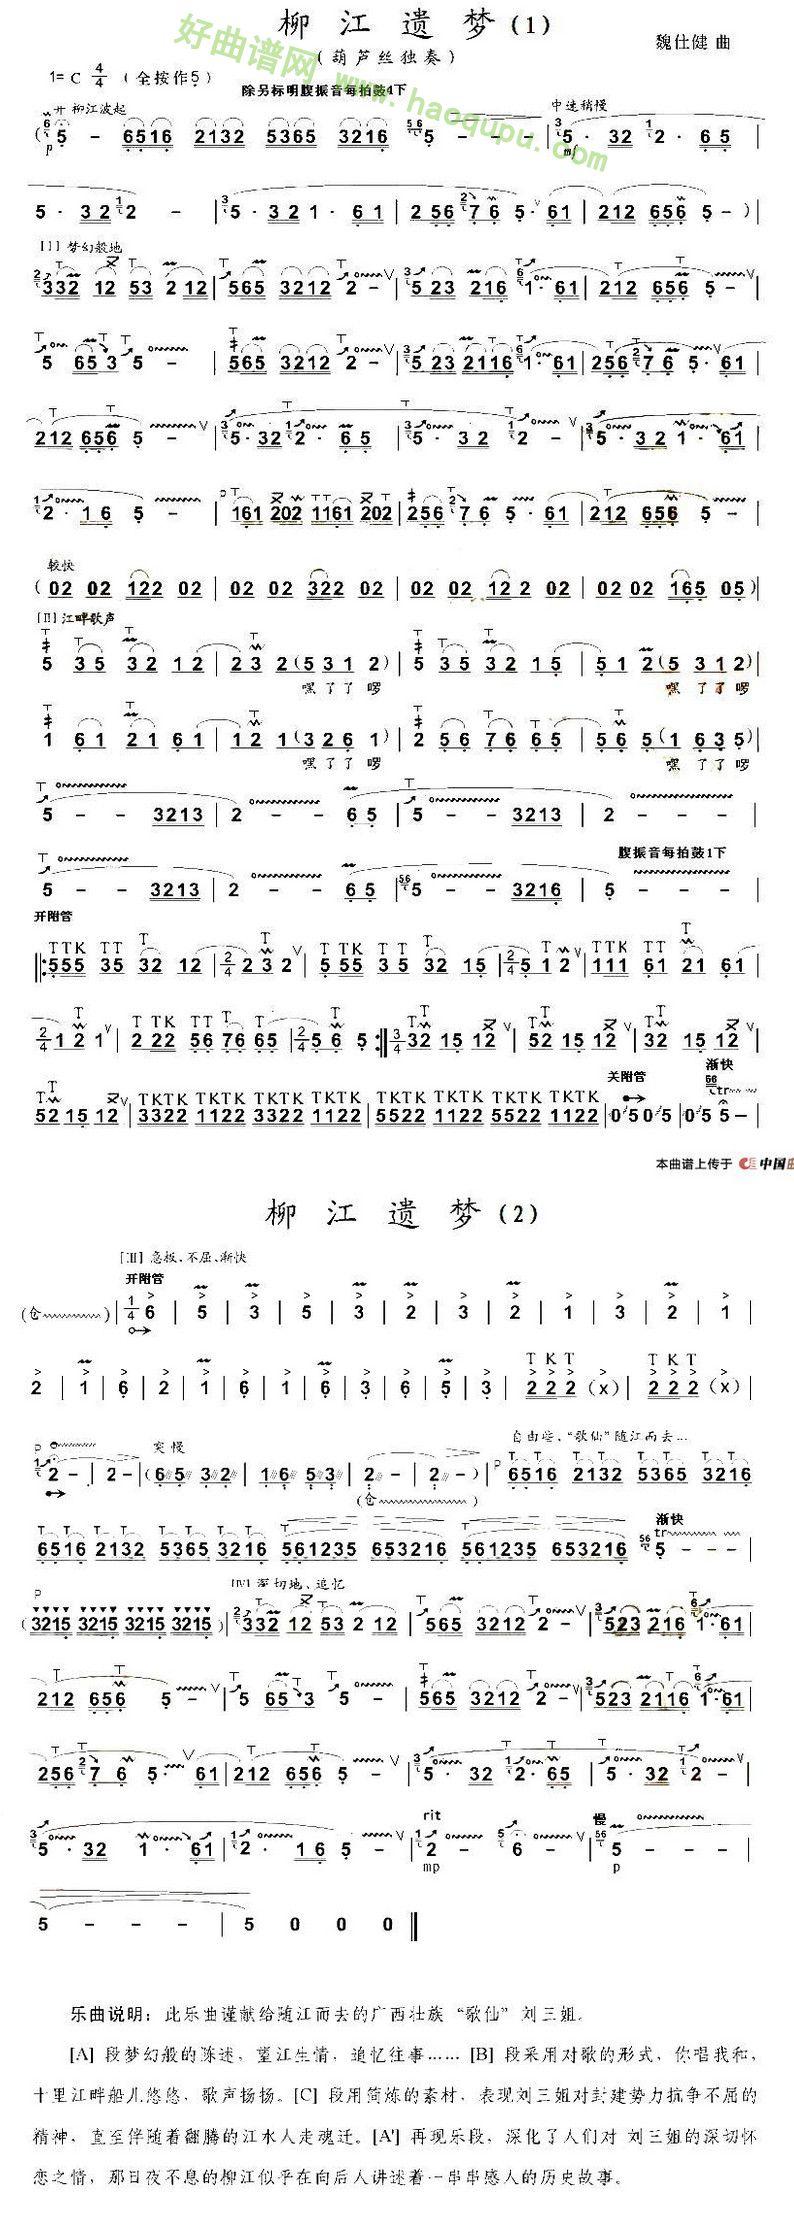 梦回乾坤湾歌谱-葫芦丝柳江遗梦曲谱